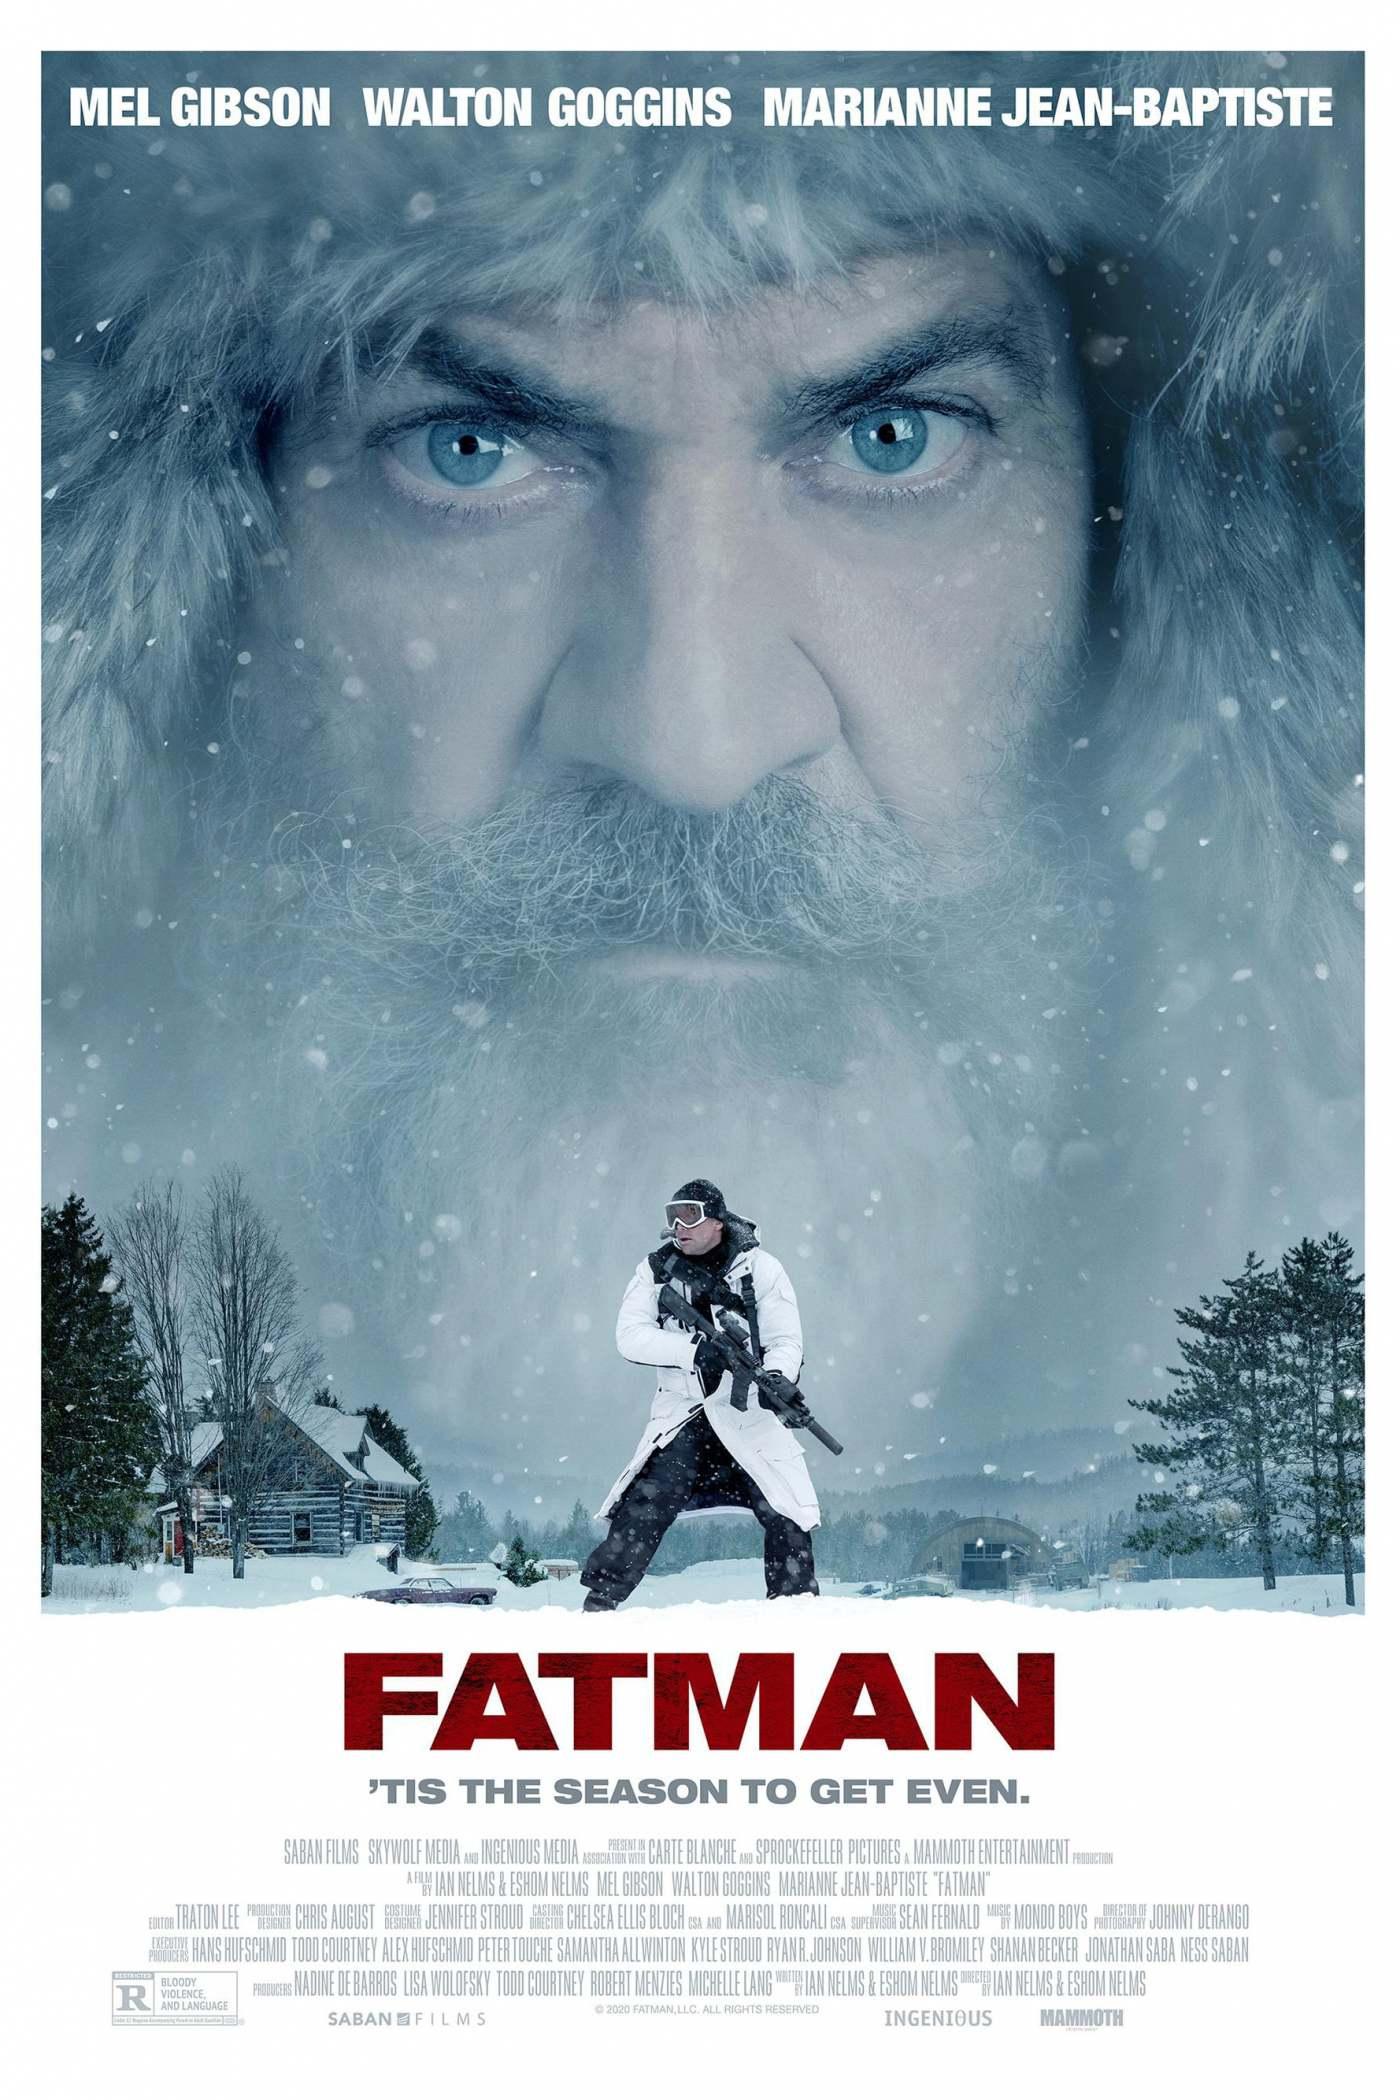 fatman-2020-poster-01